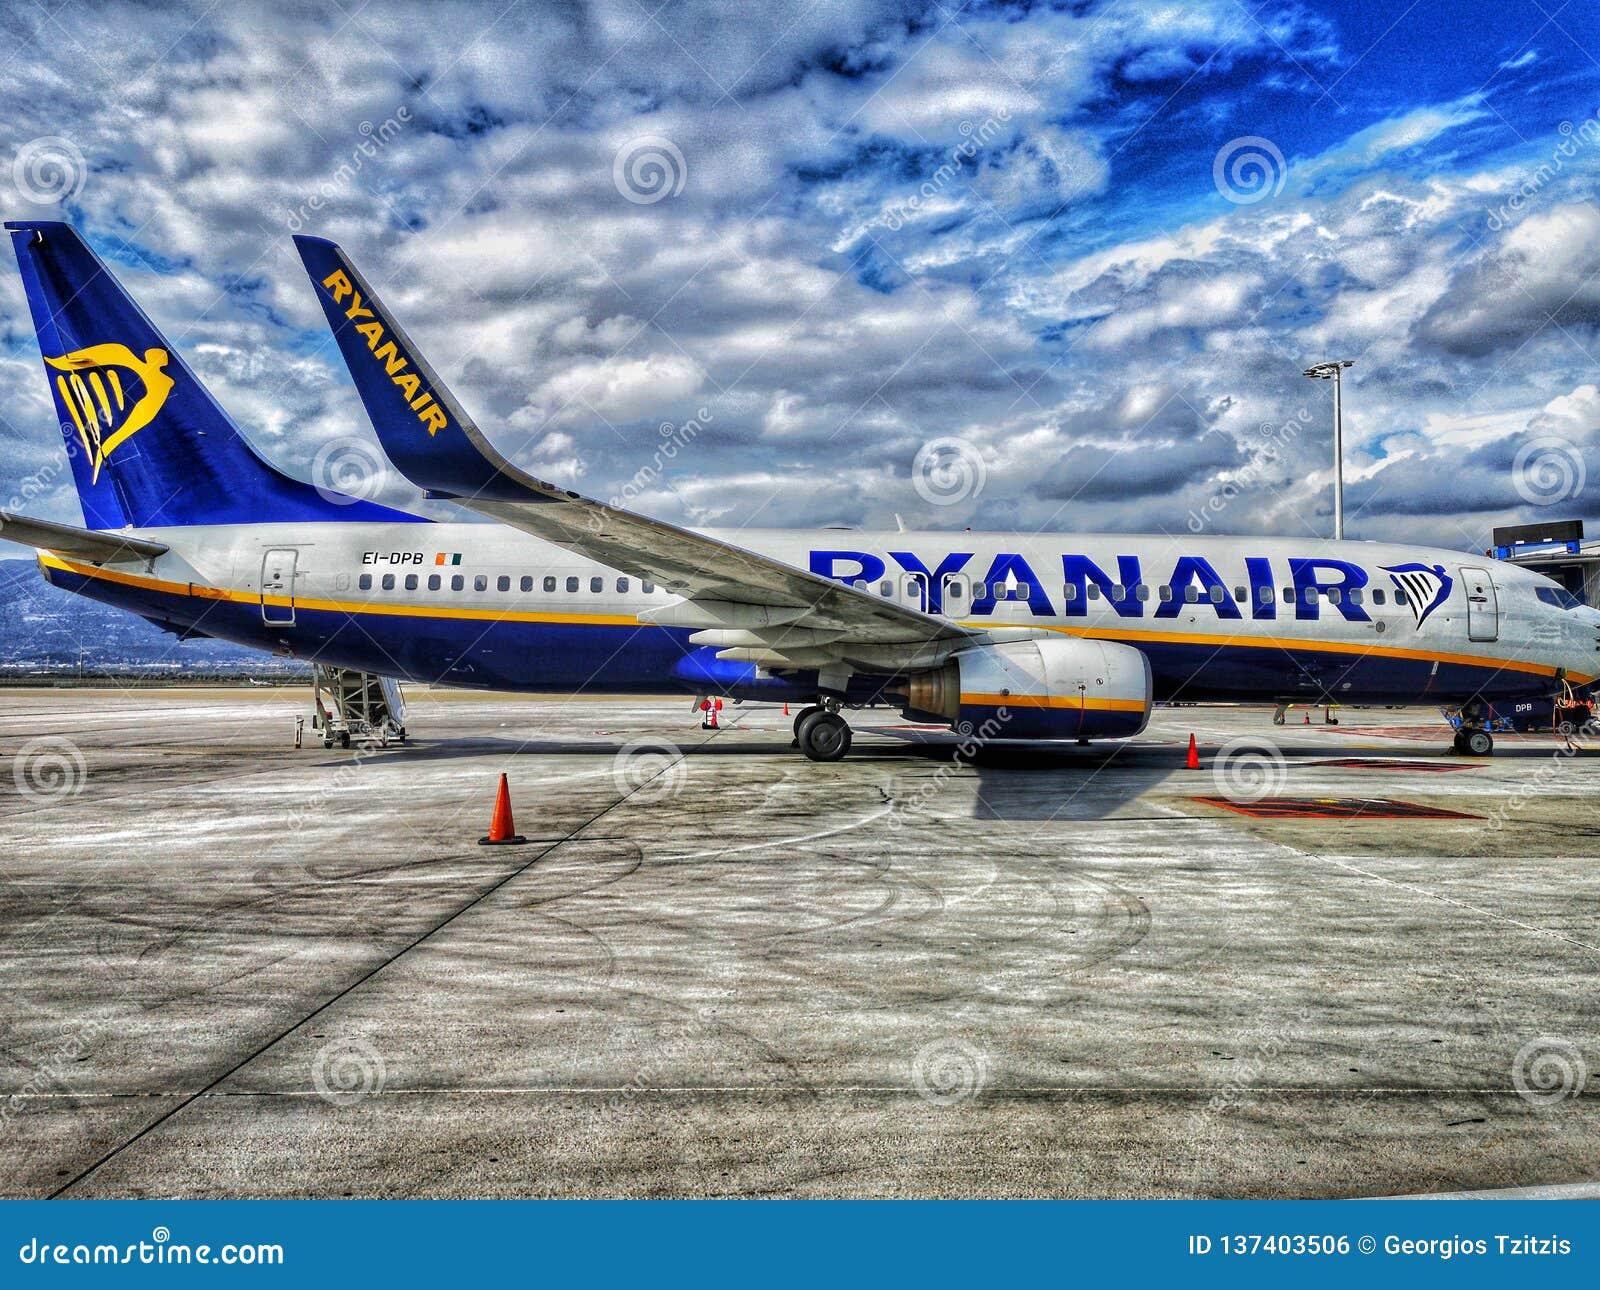 Se parquea el venizelo de los eleytherios del aeropuerto de Atenas, avión de Ryanair,